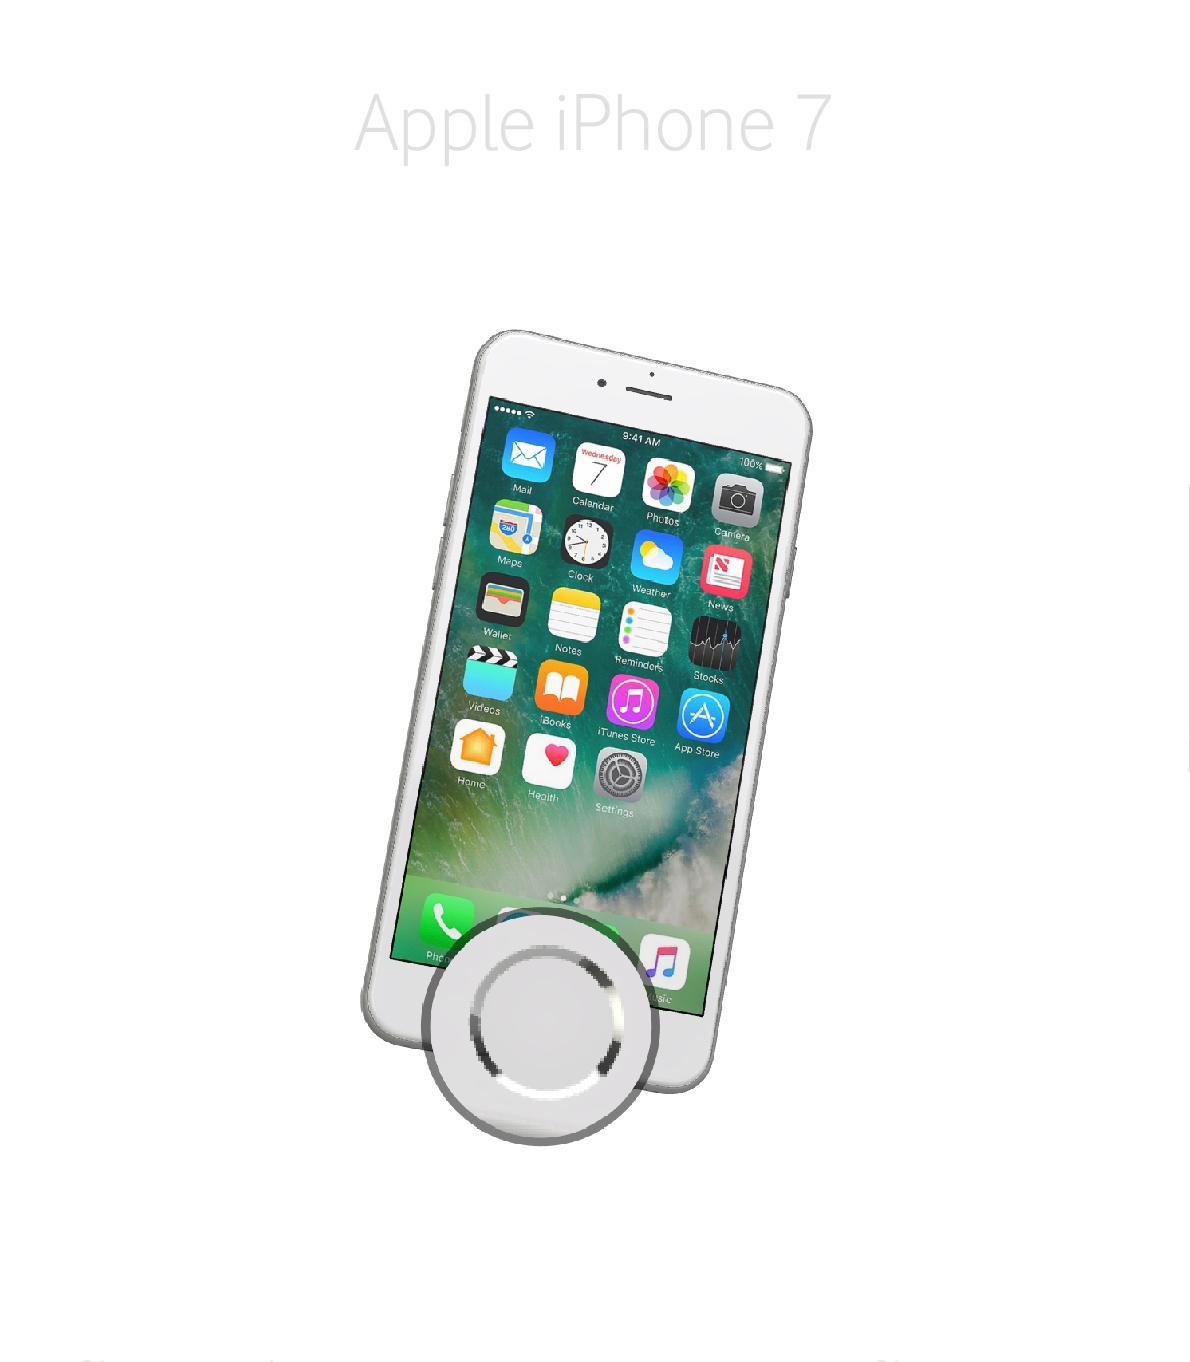 Laga hemknapp iPhone 7